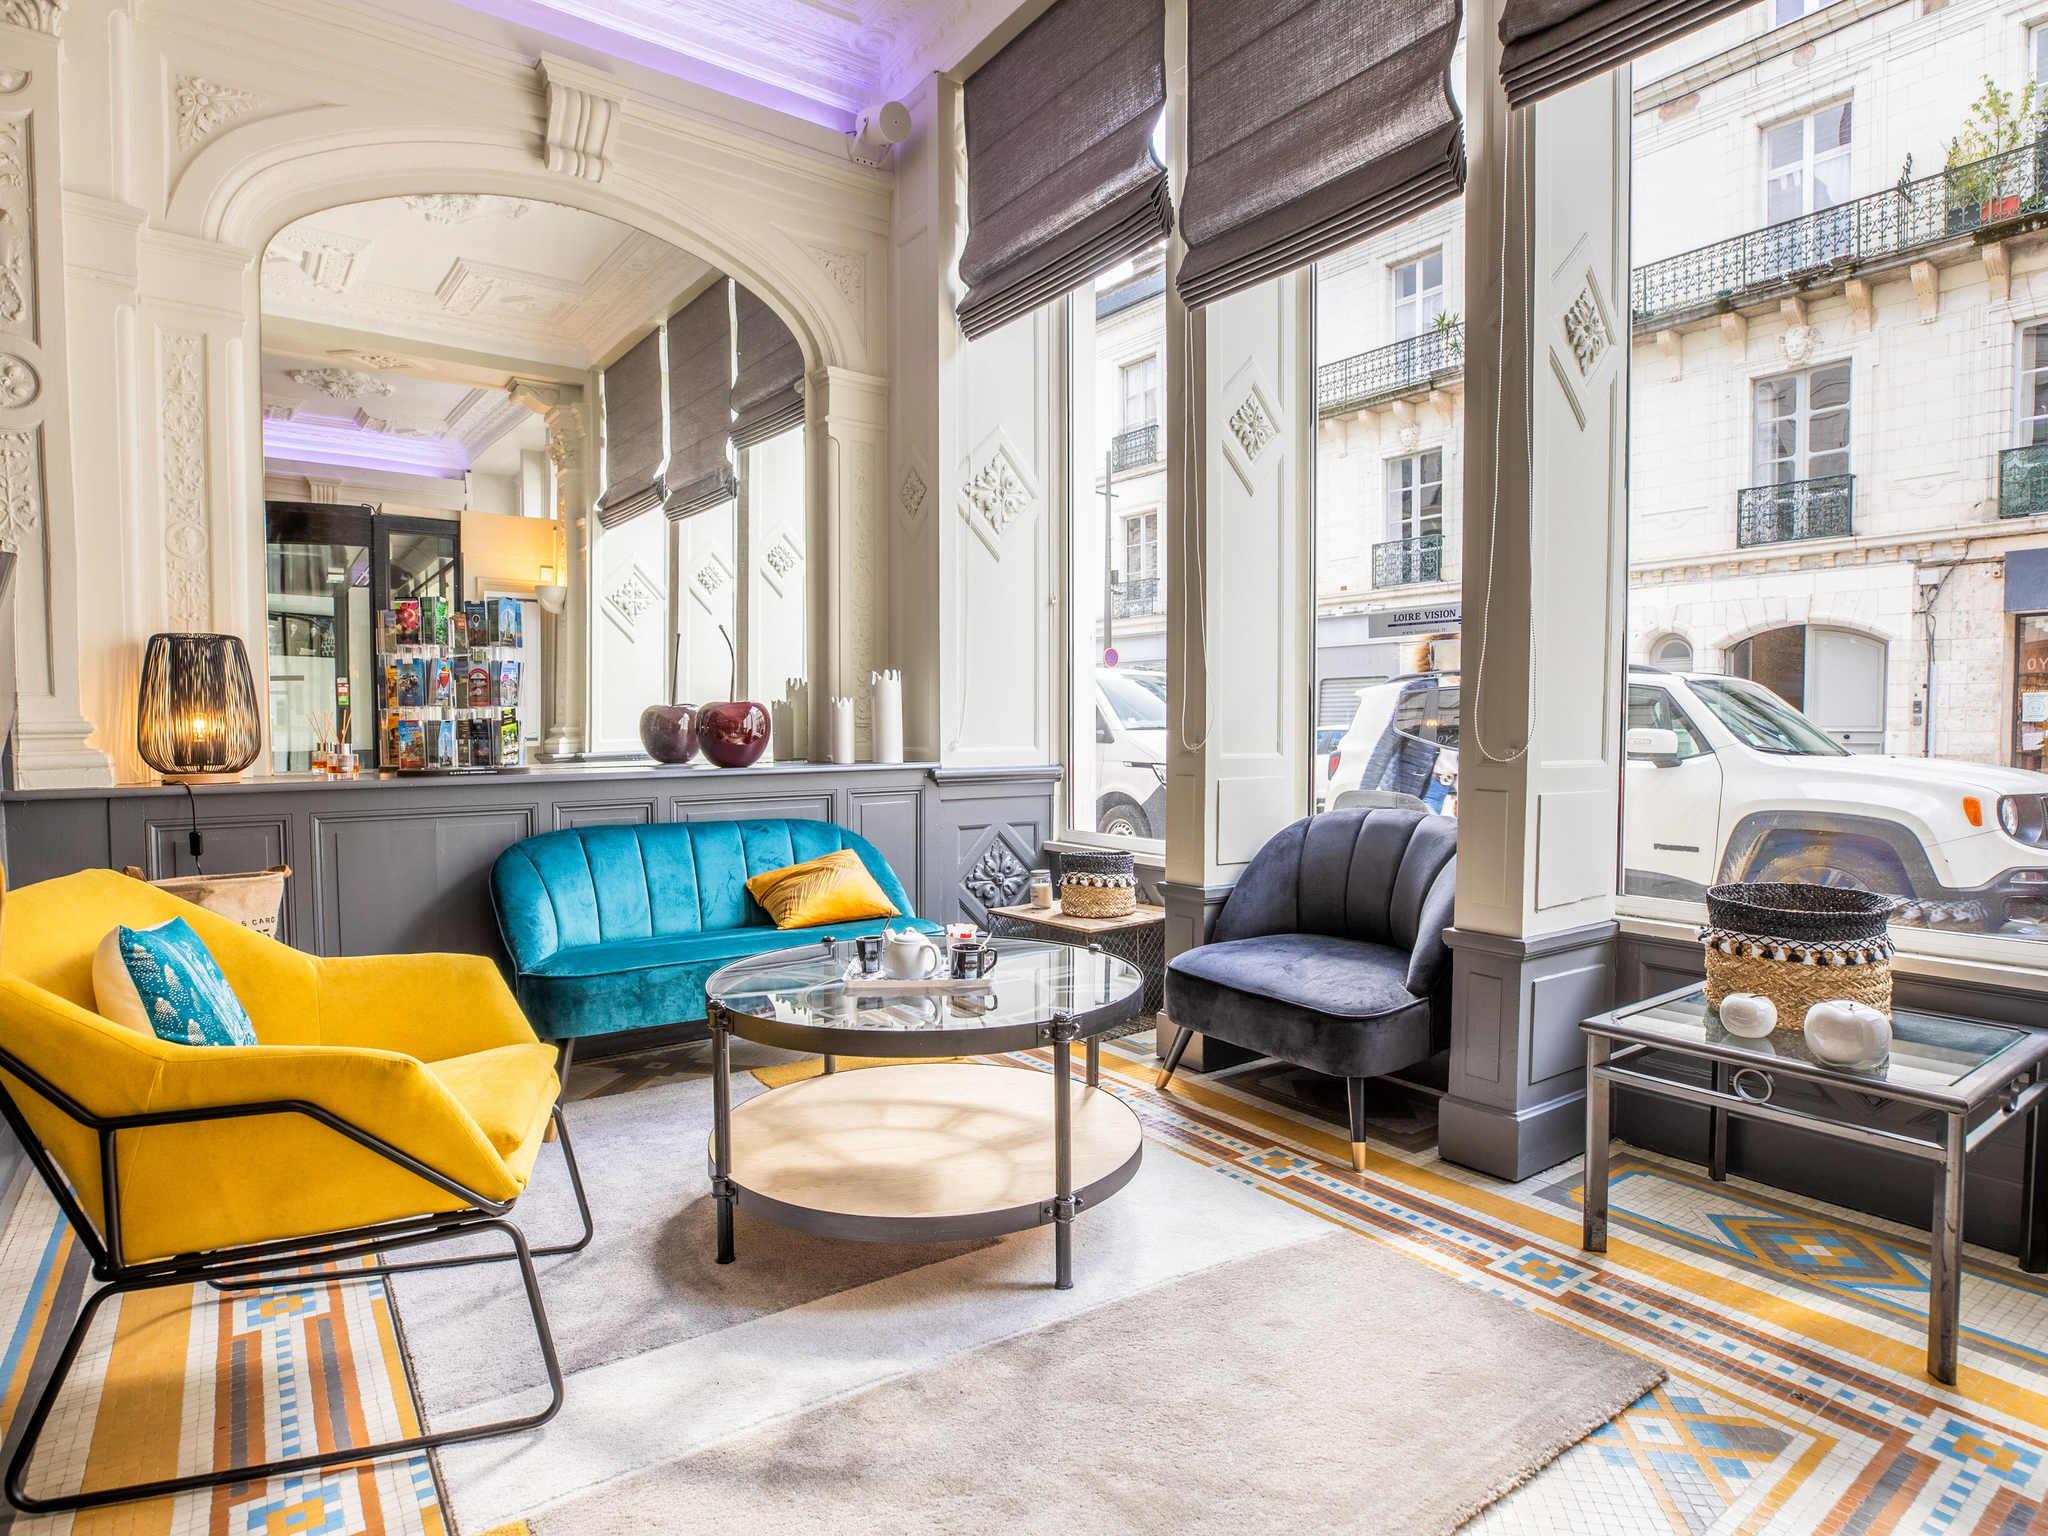 hotel a blois ibis blois centre ch teau. Black Bedroom Furniture Sets. Home Design Ideas